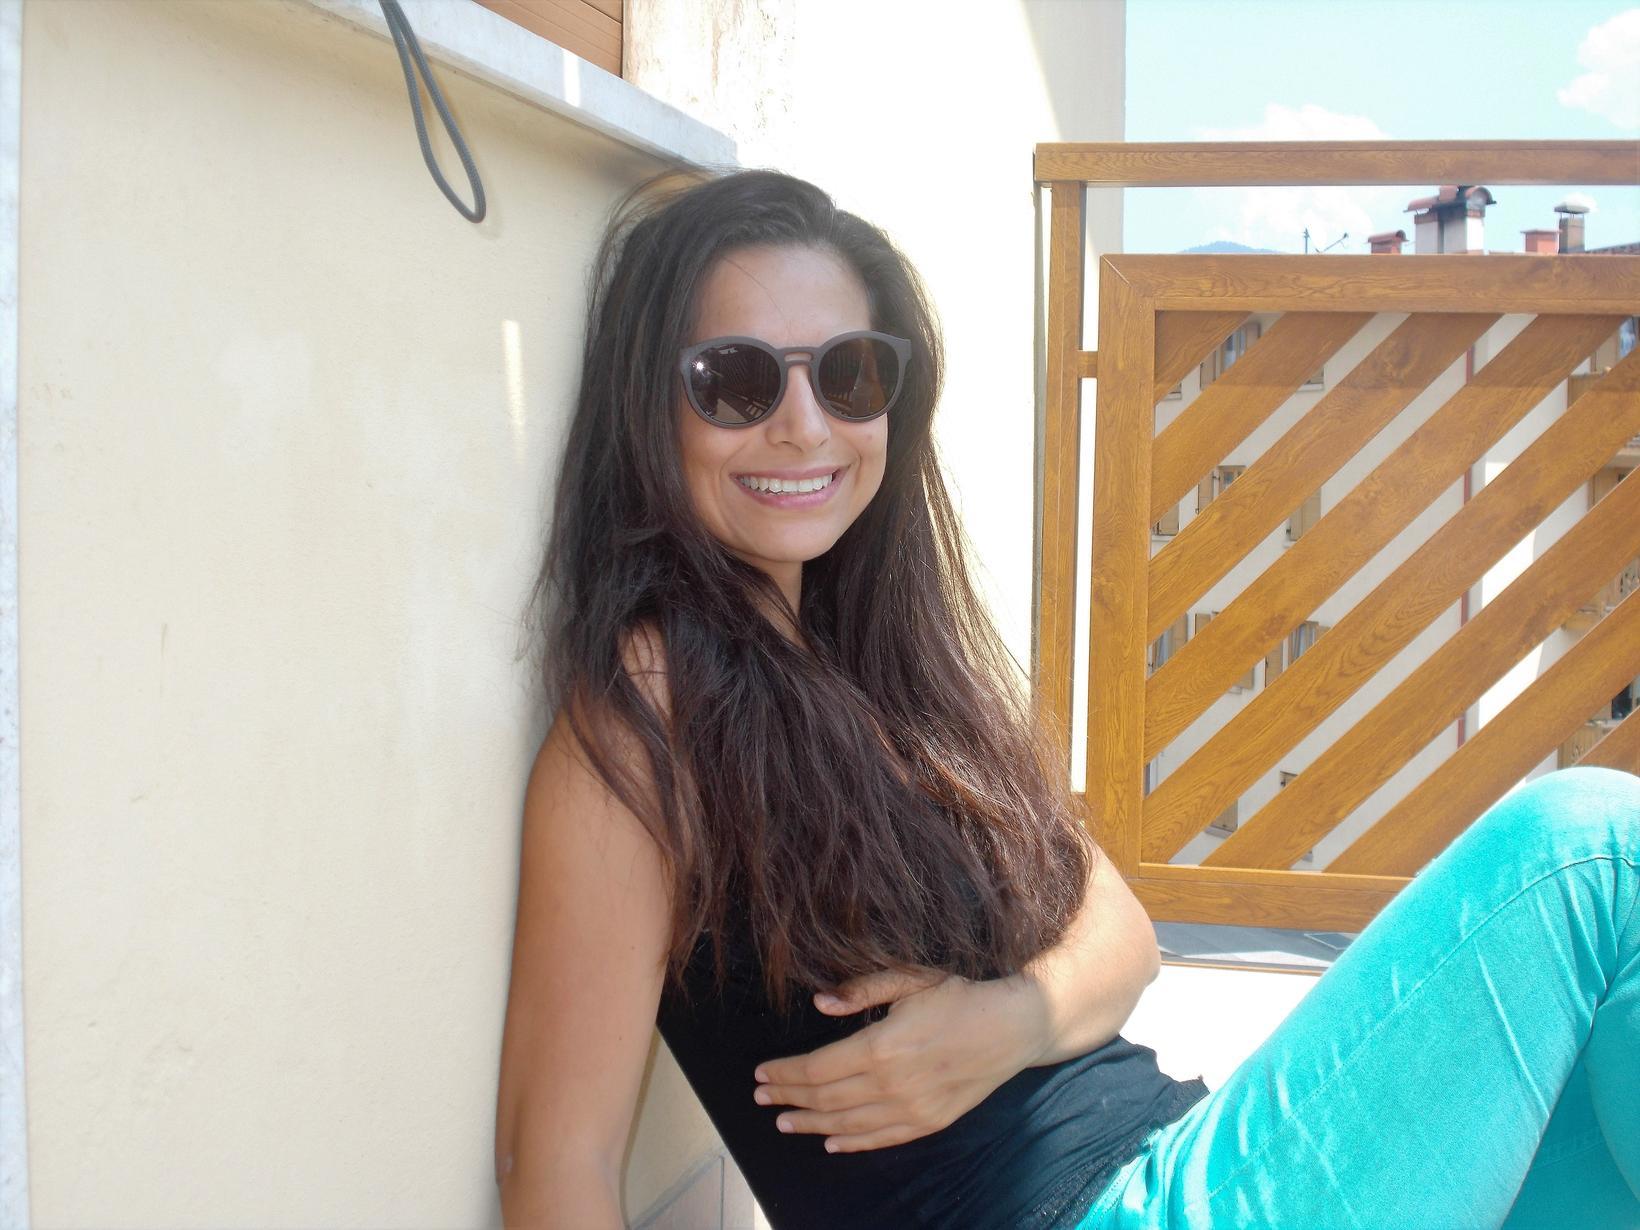 Laura from Brescia, Italy